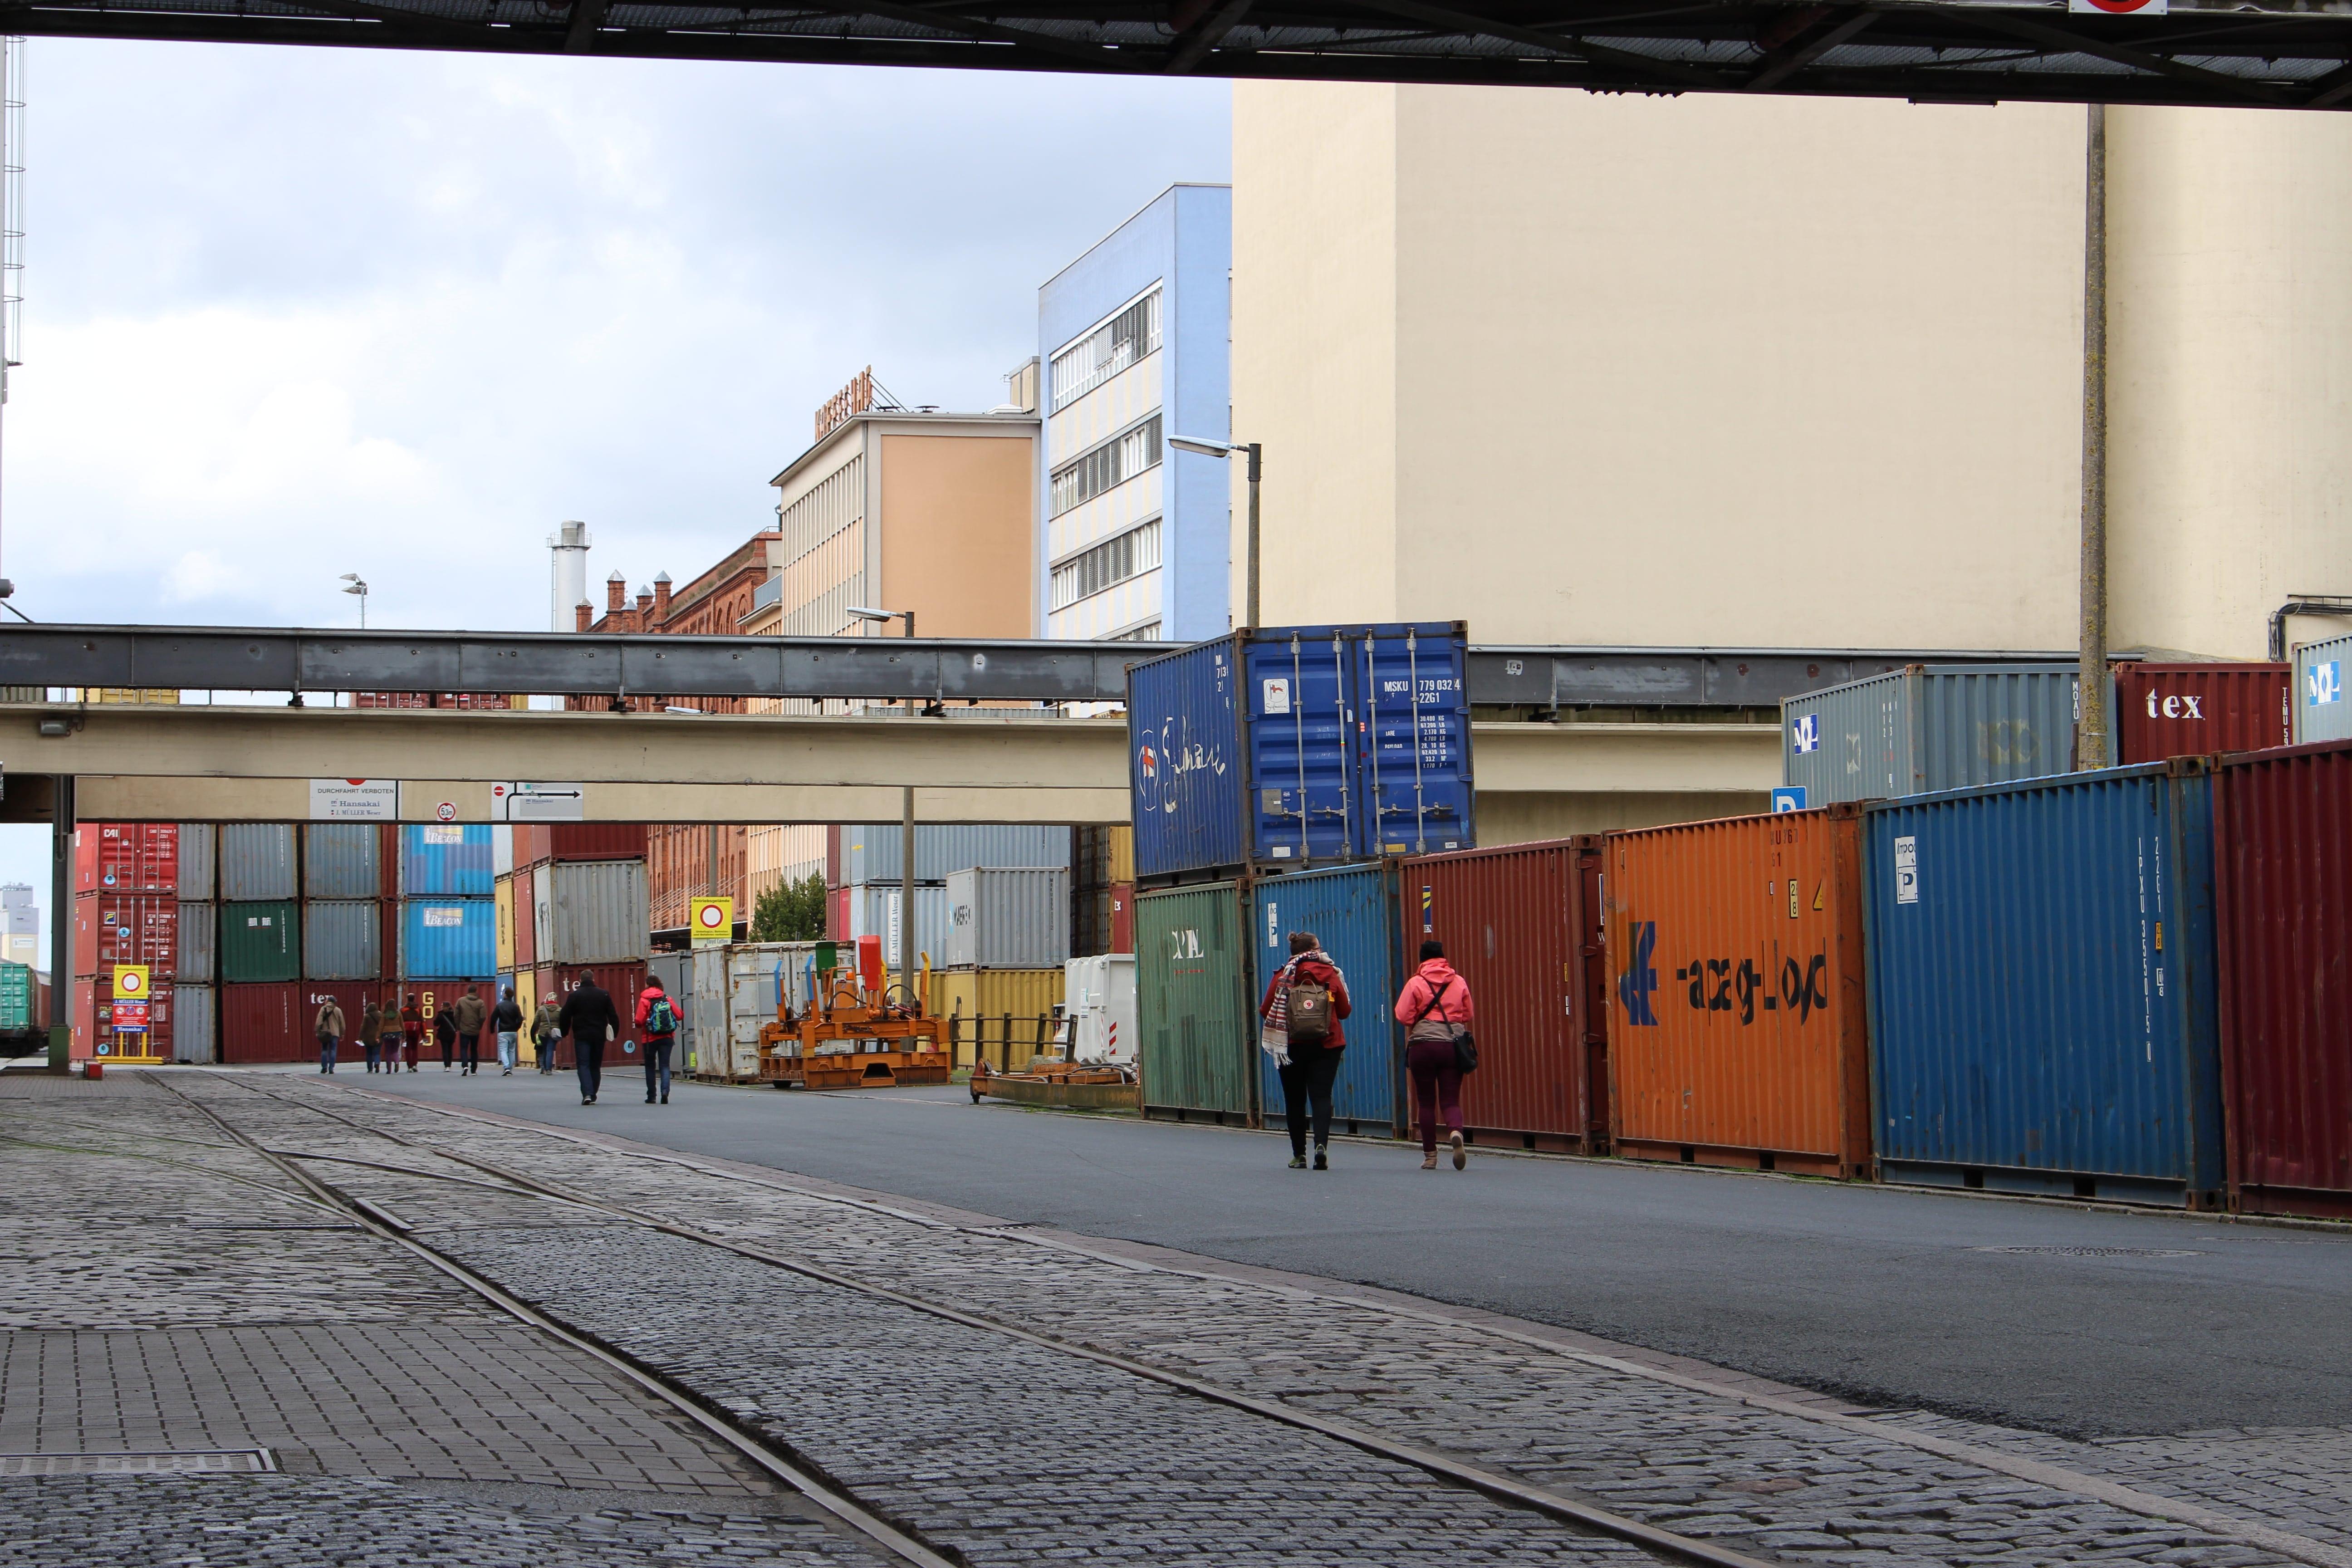 Hanseatische Architektur in Bremen.